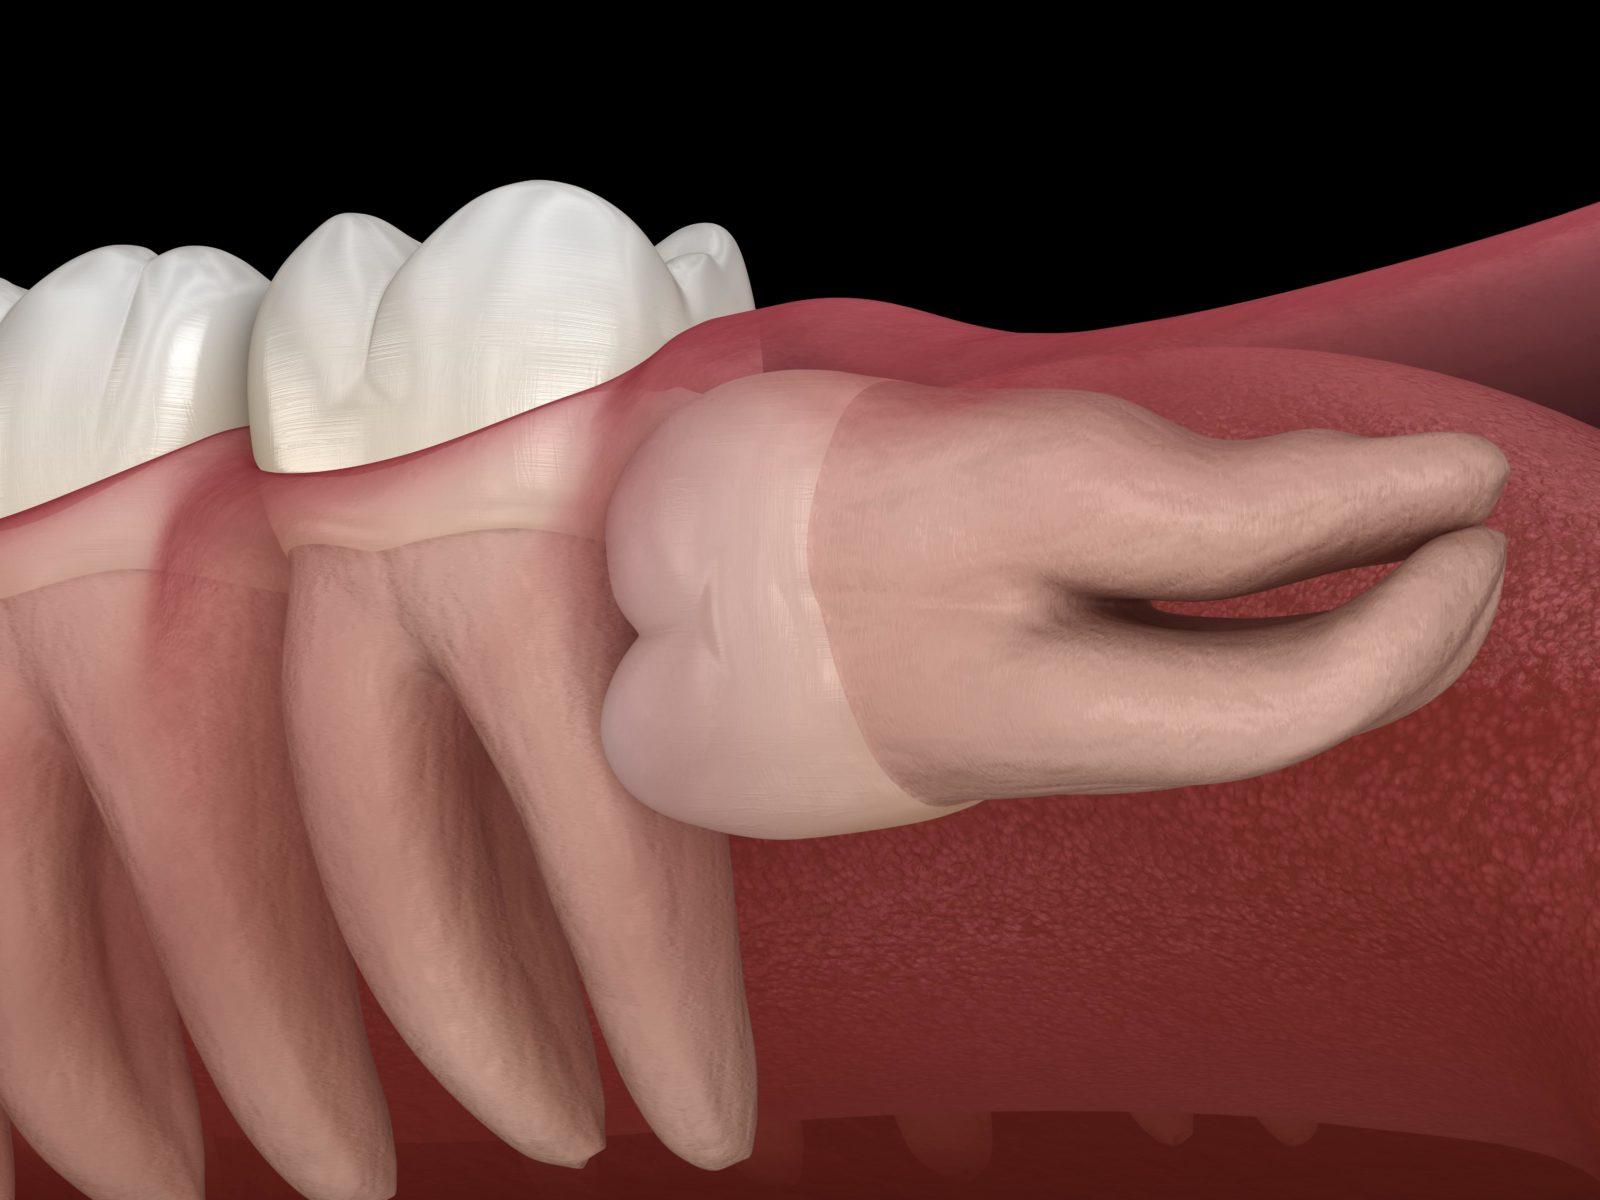 tooth growing sideways